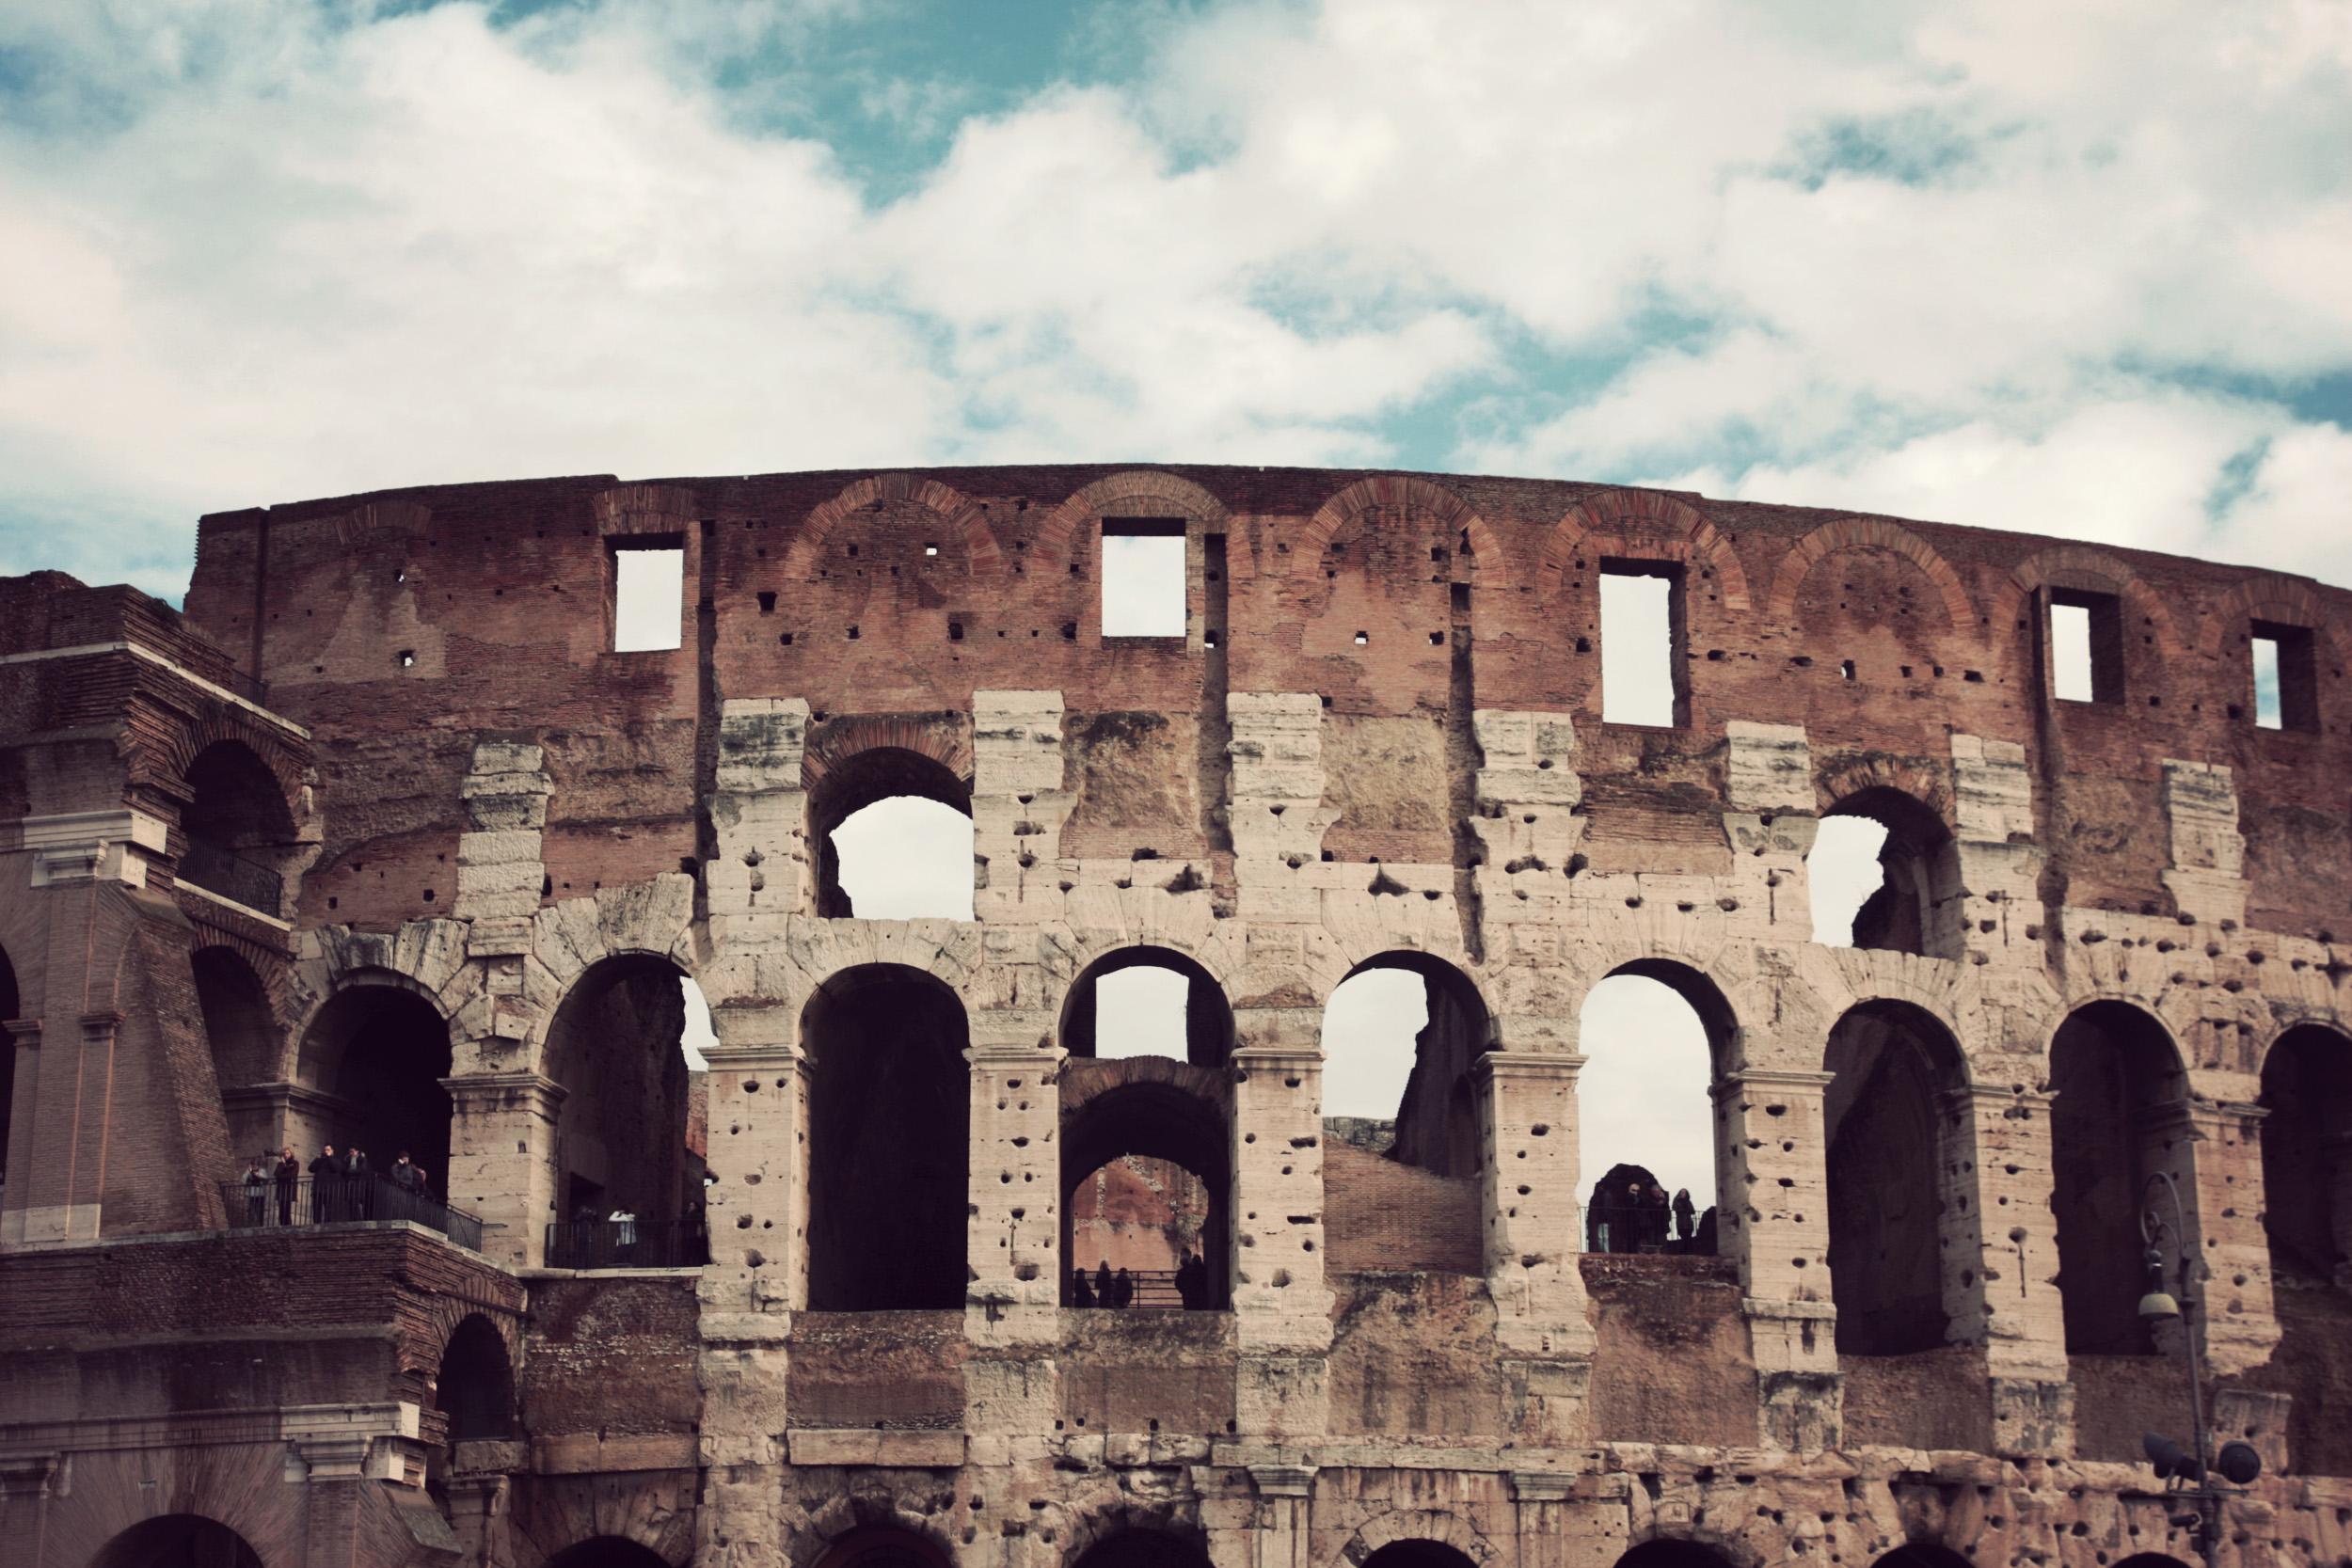 Colliseum_01.jpg